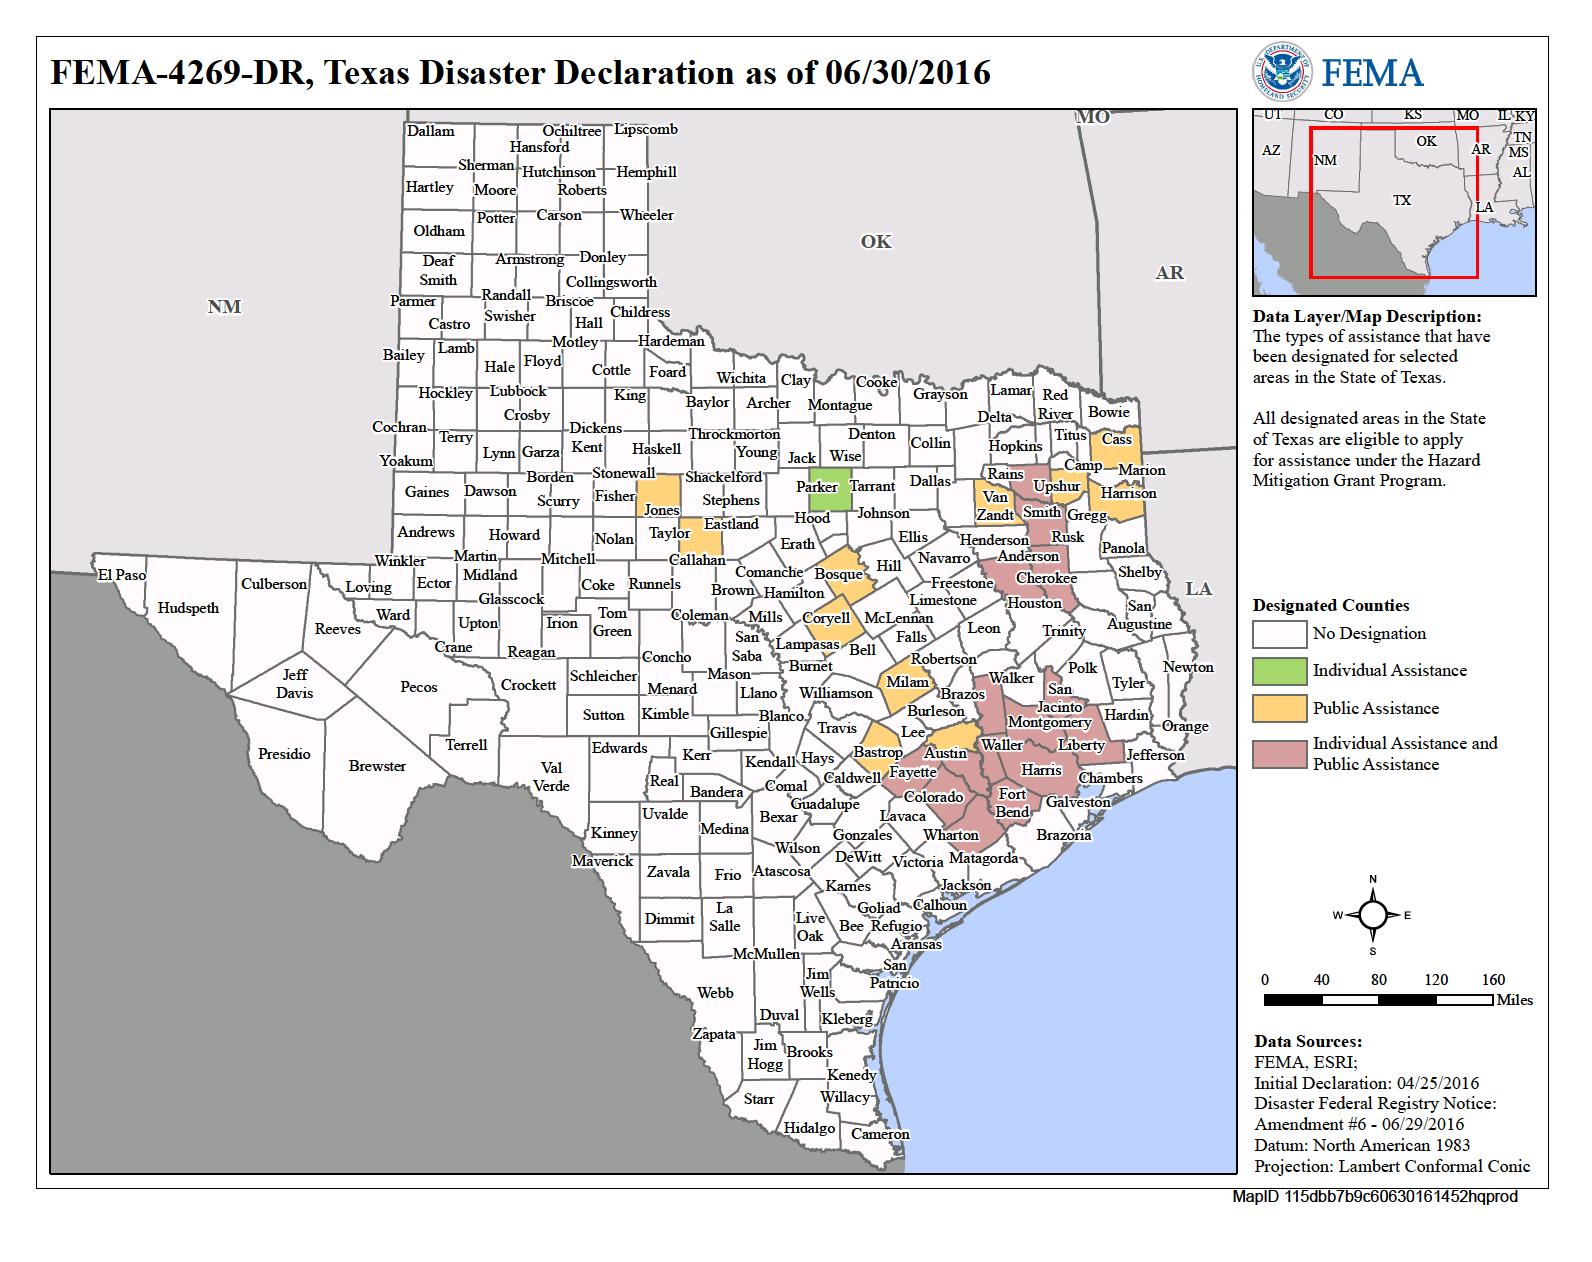 Texas Severe Storms And Flooding (Dr-4269) | Fema.gov - Texas Flood Map